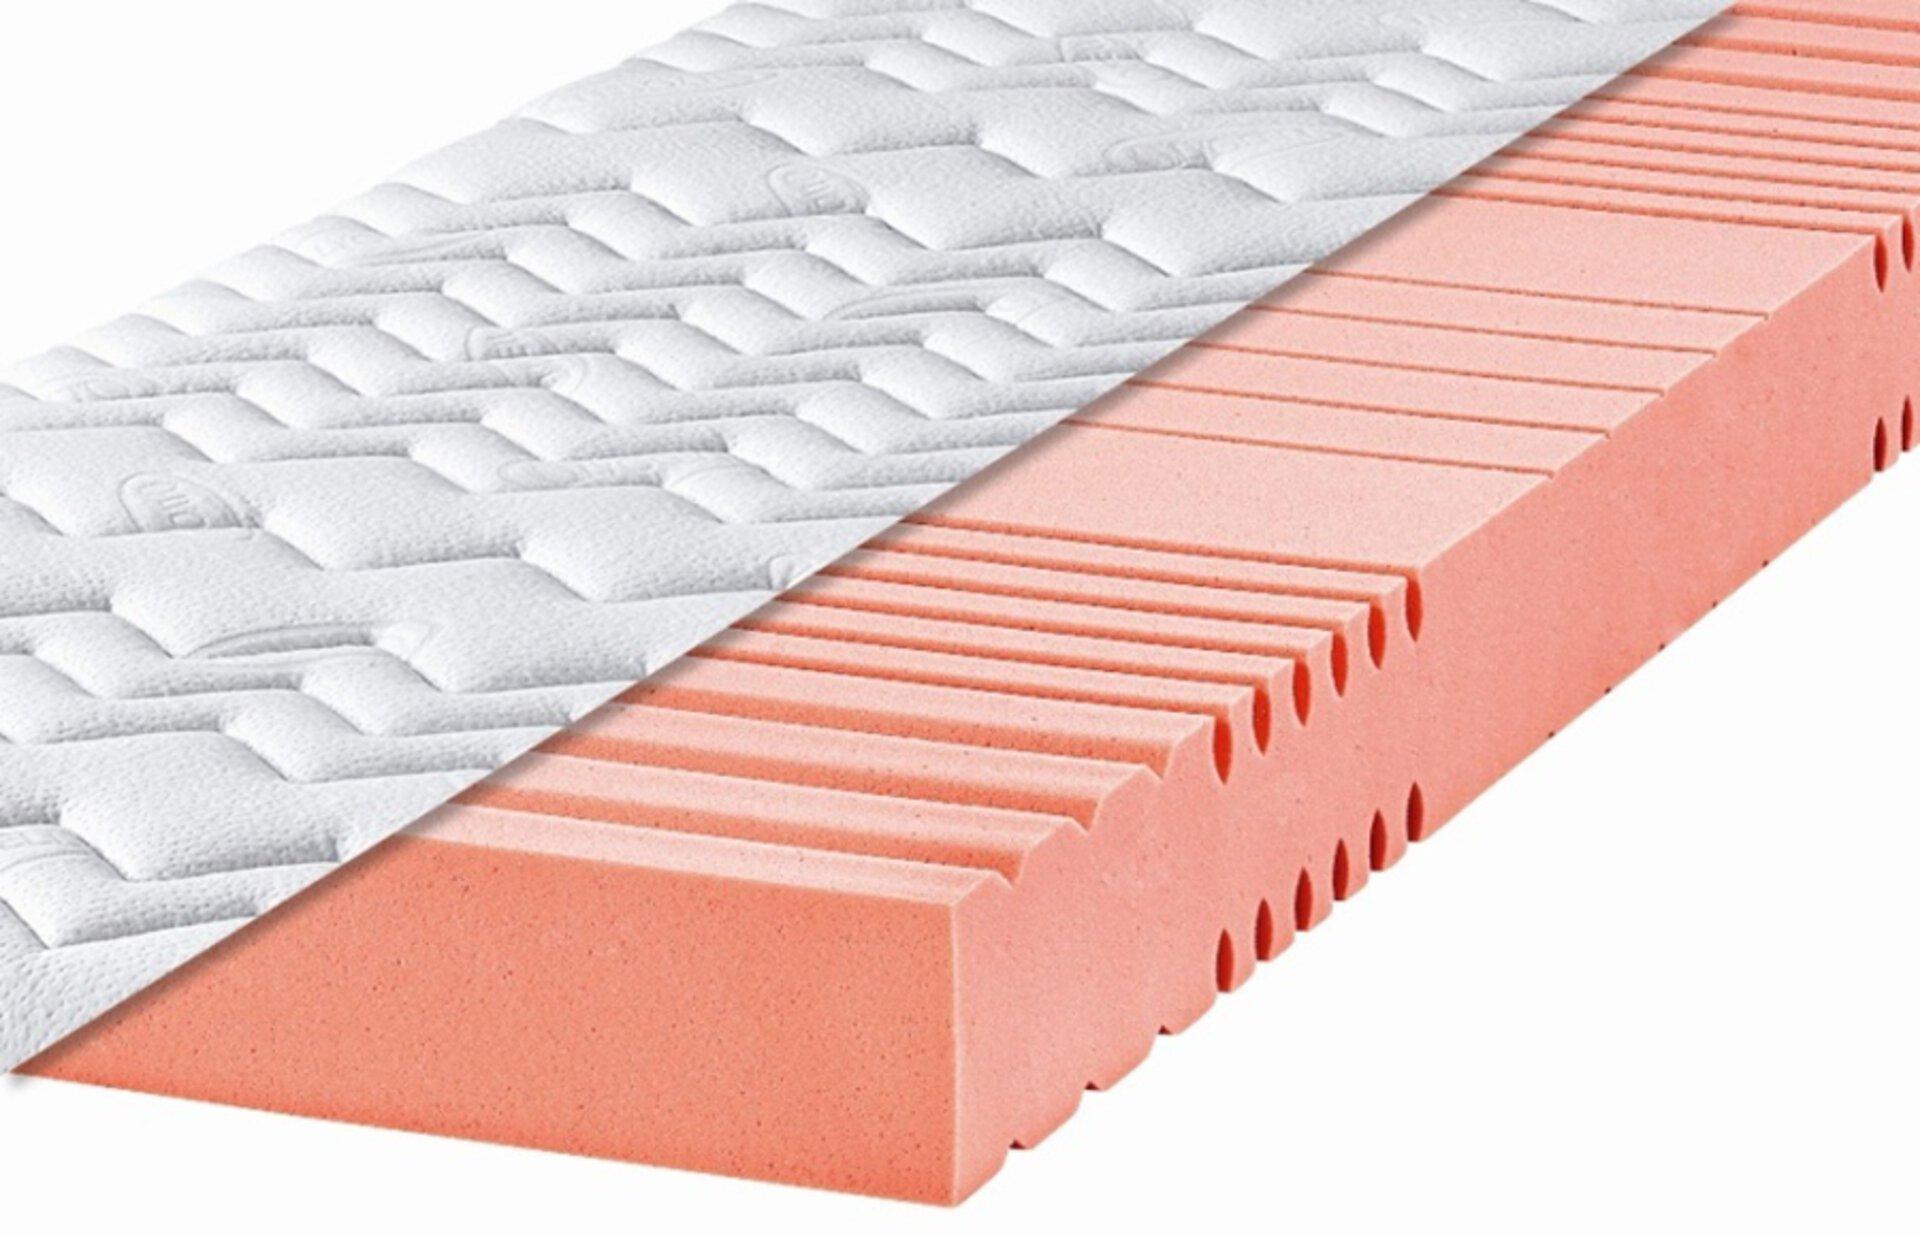 Kaltschaummatratze COMFORT FLEX 22 Breckle Textil weiß 200 x 90 cm